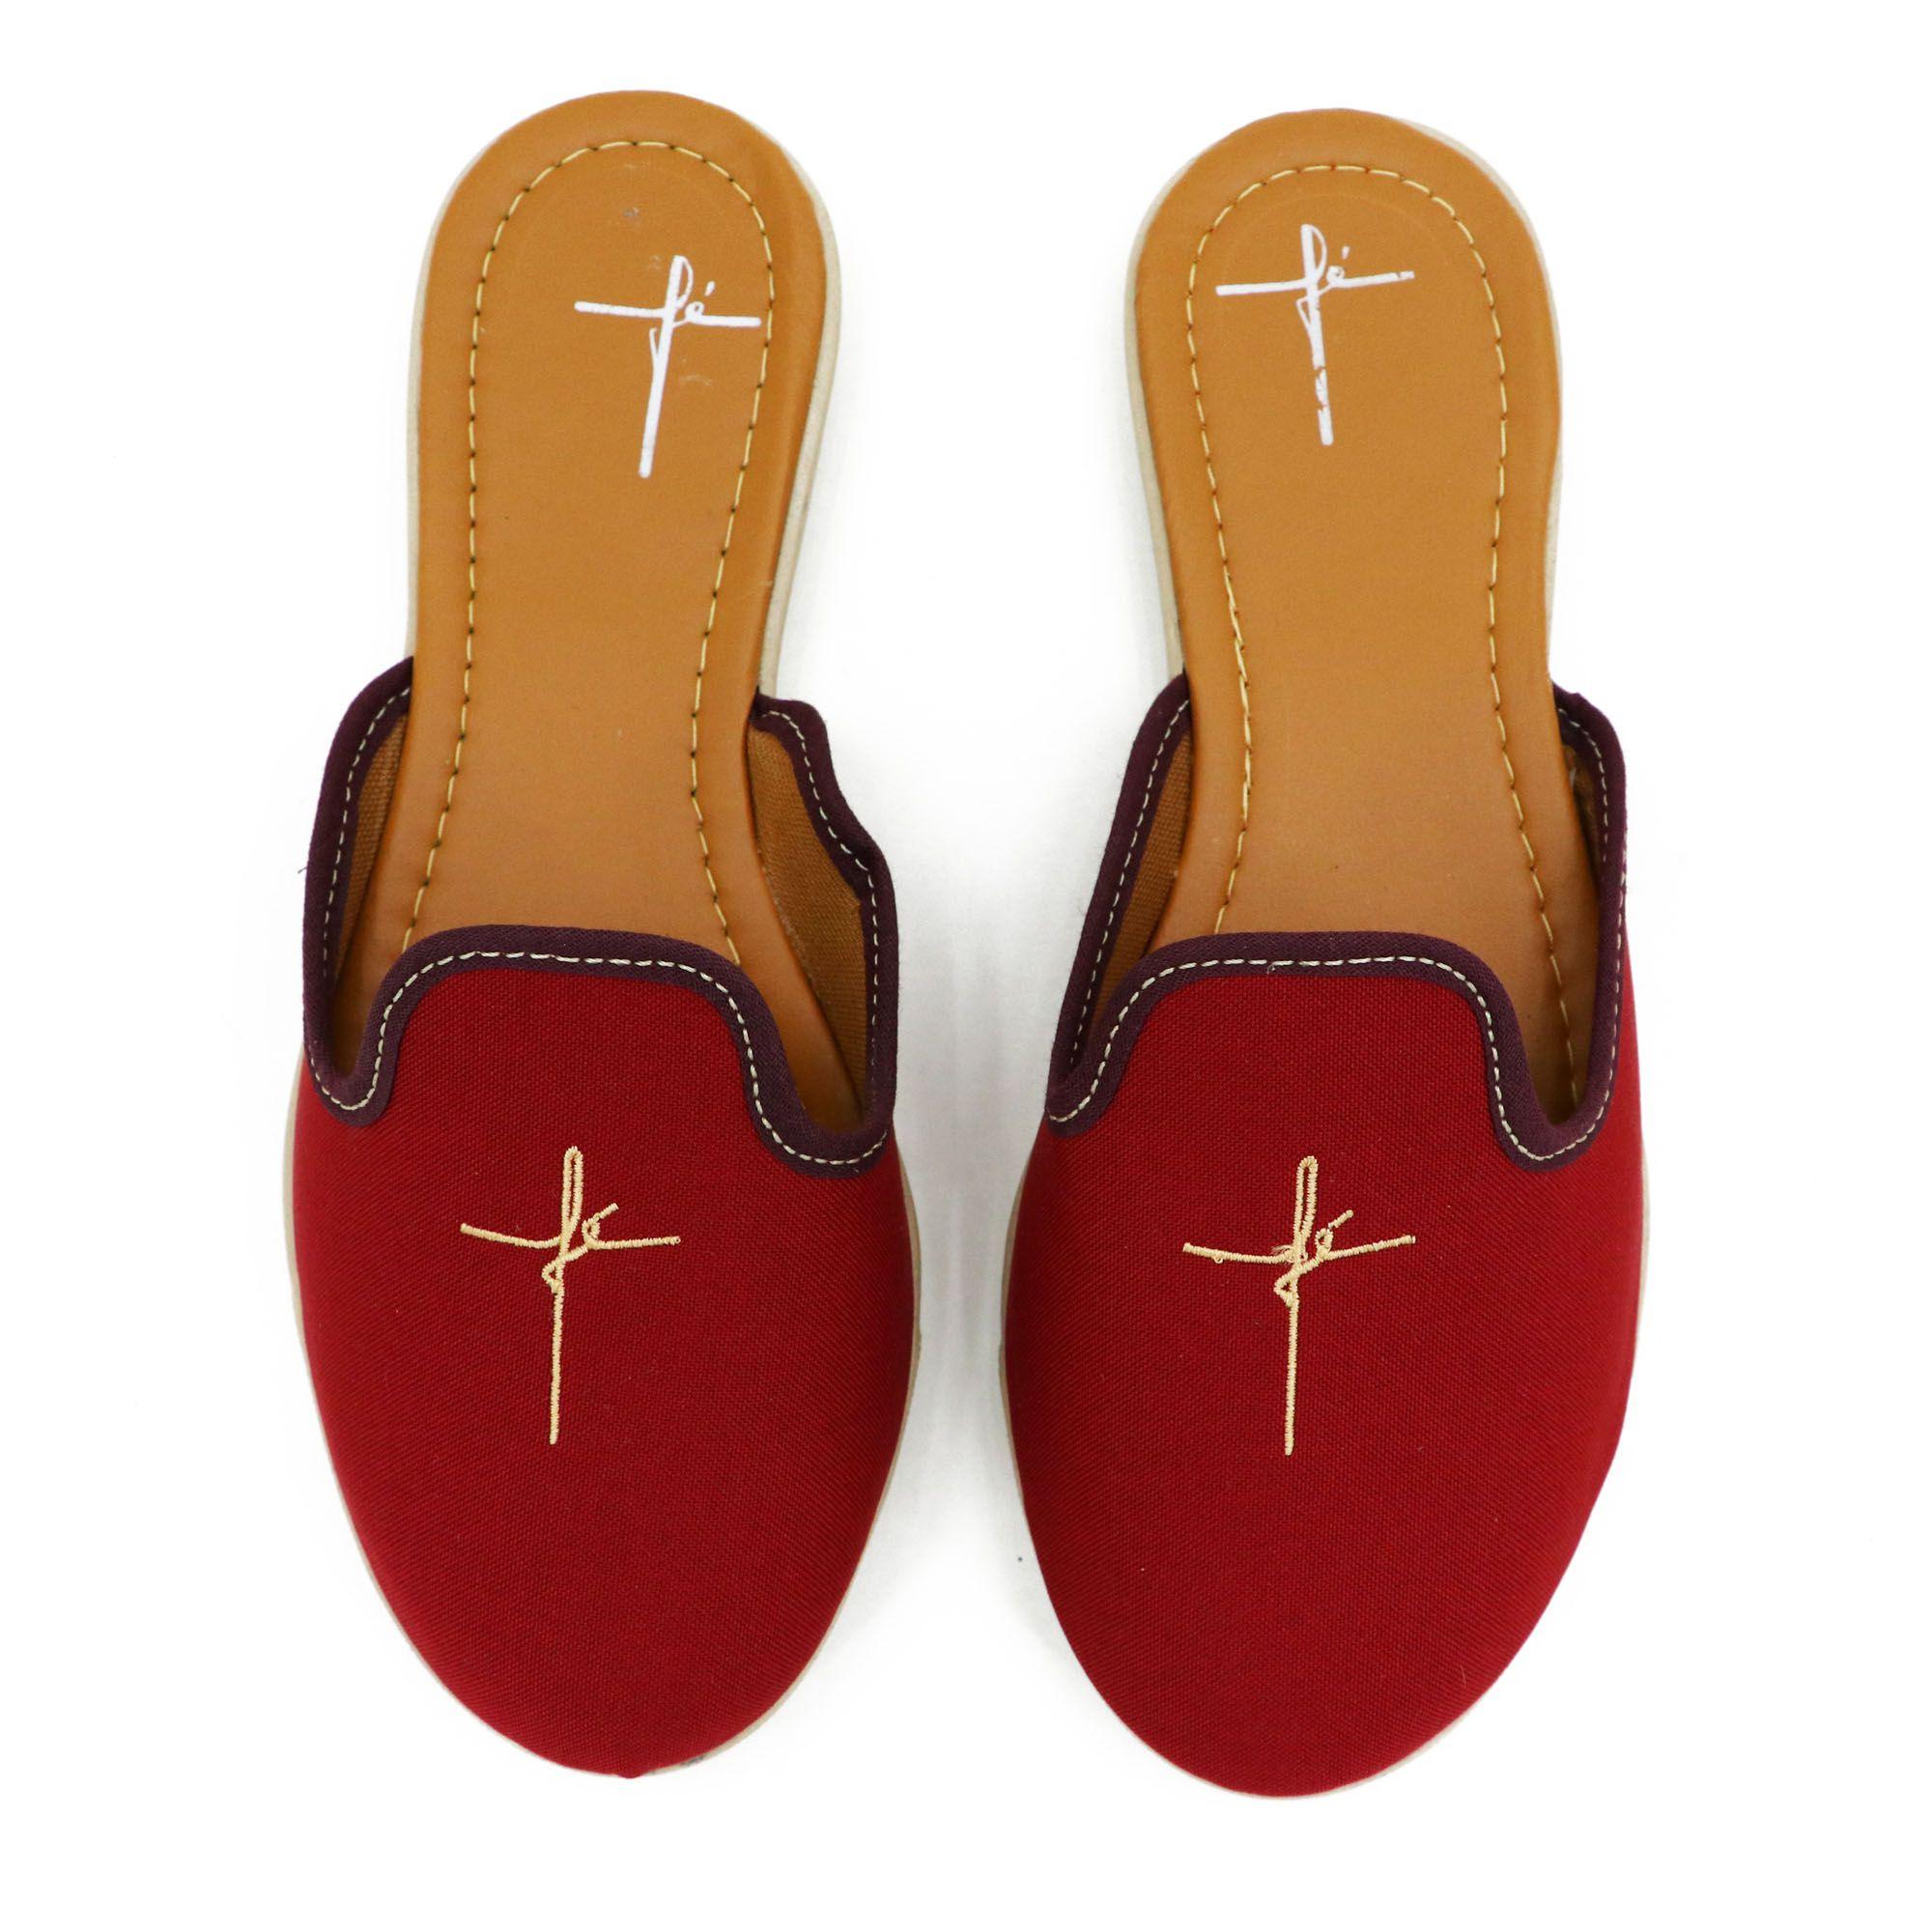 Sapatilha feminina evangélica na cor vermelha 28000